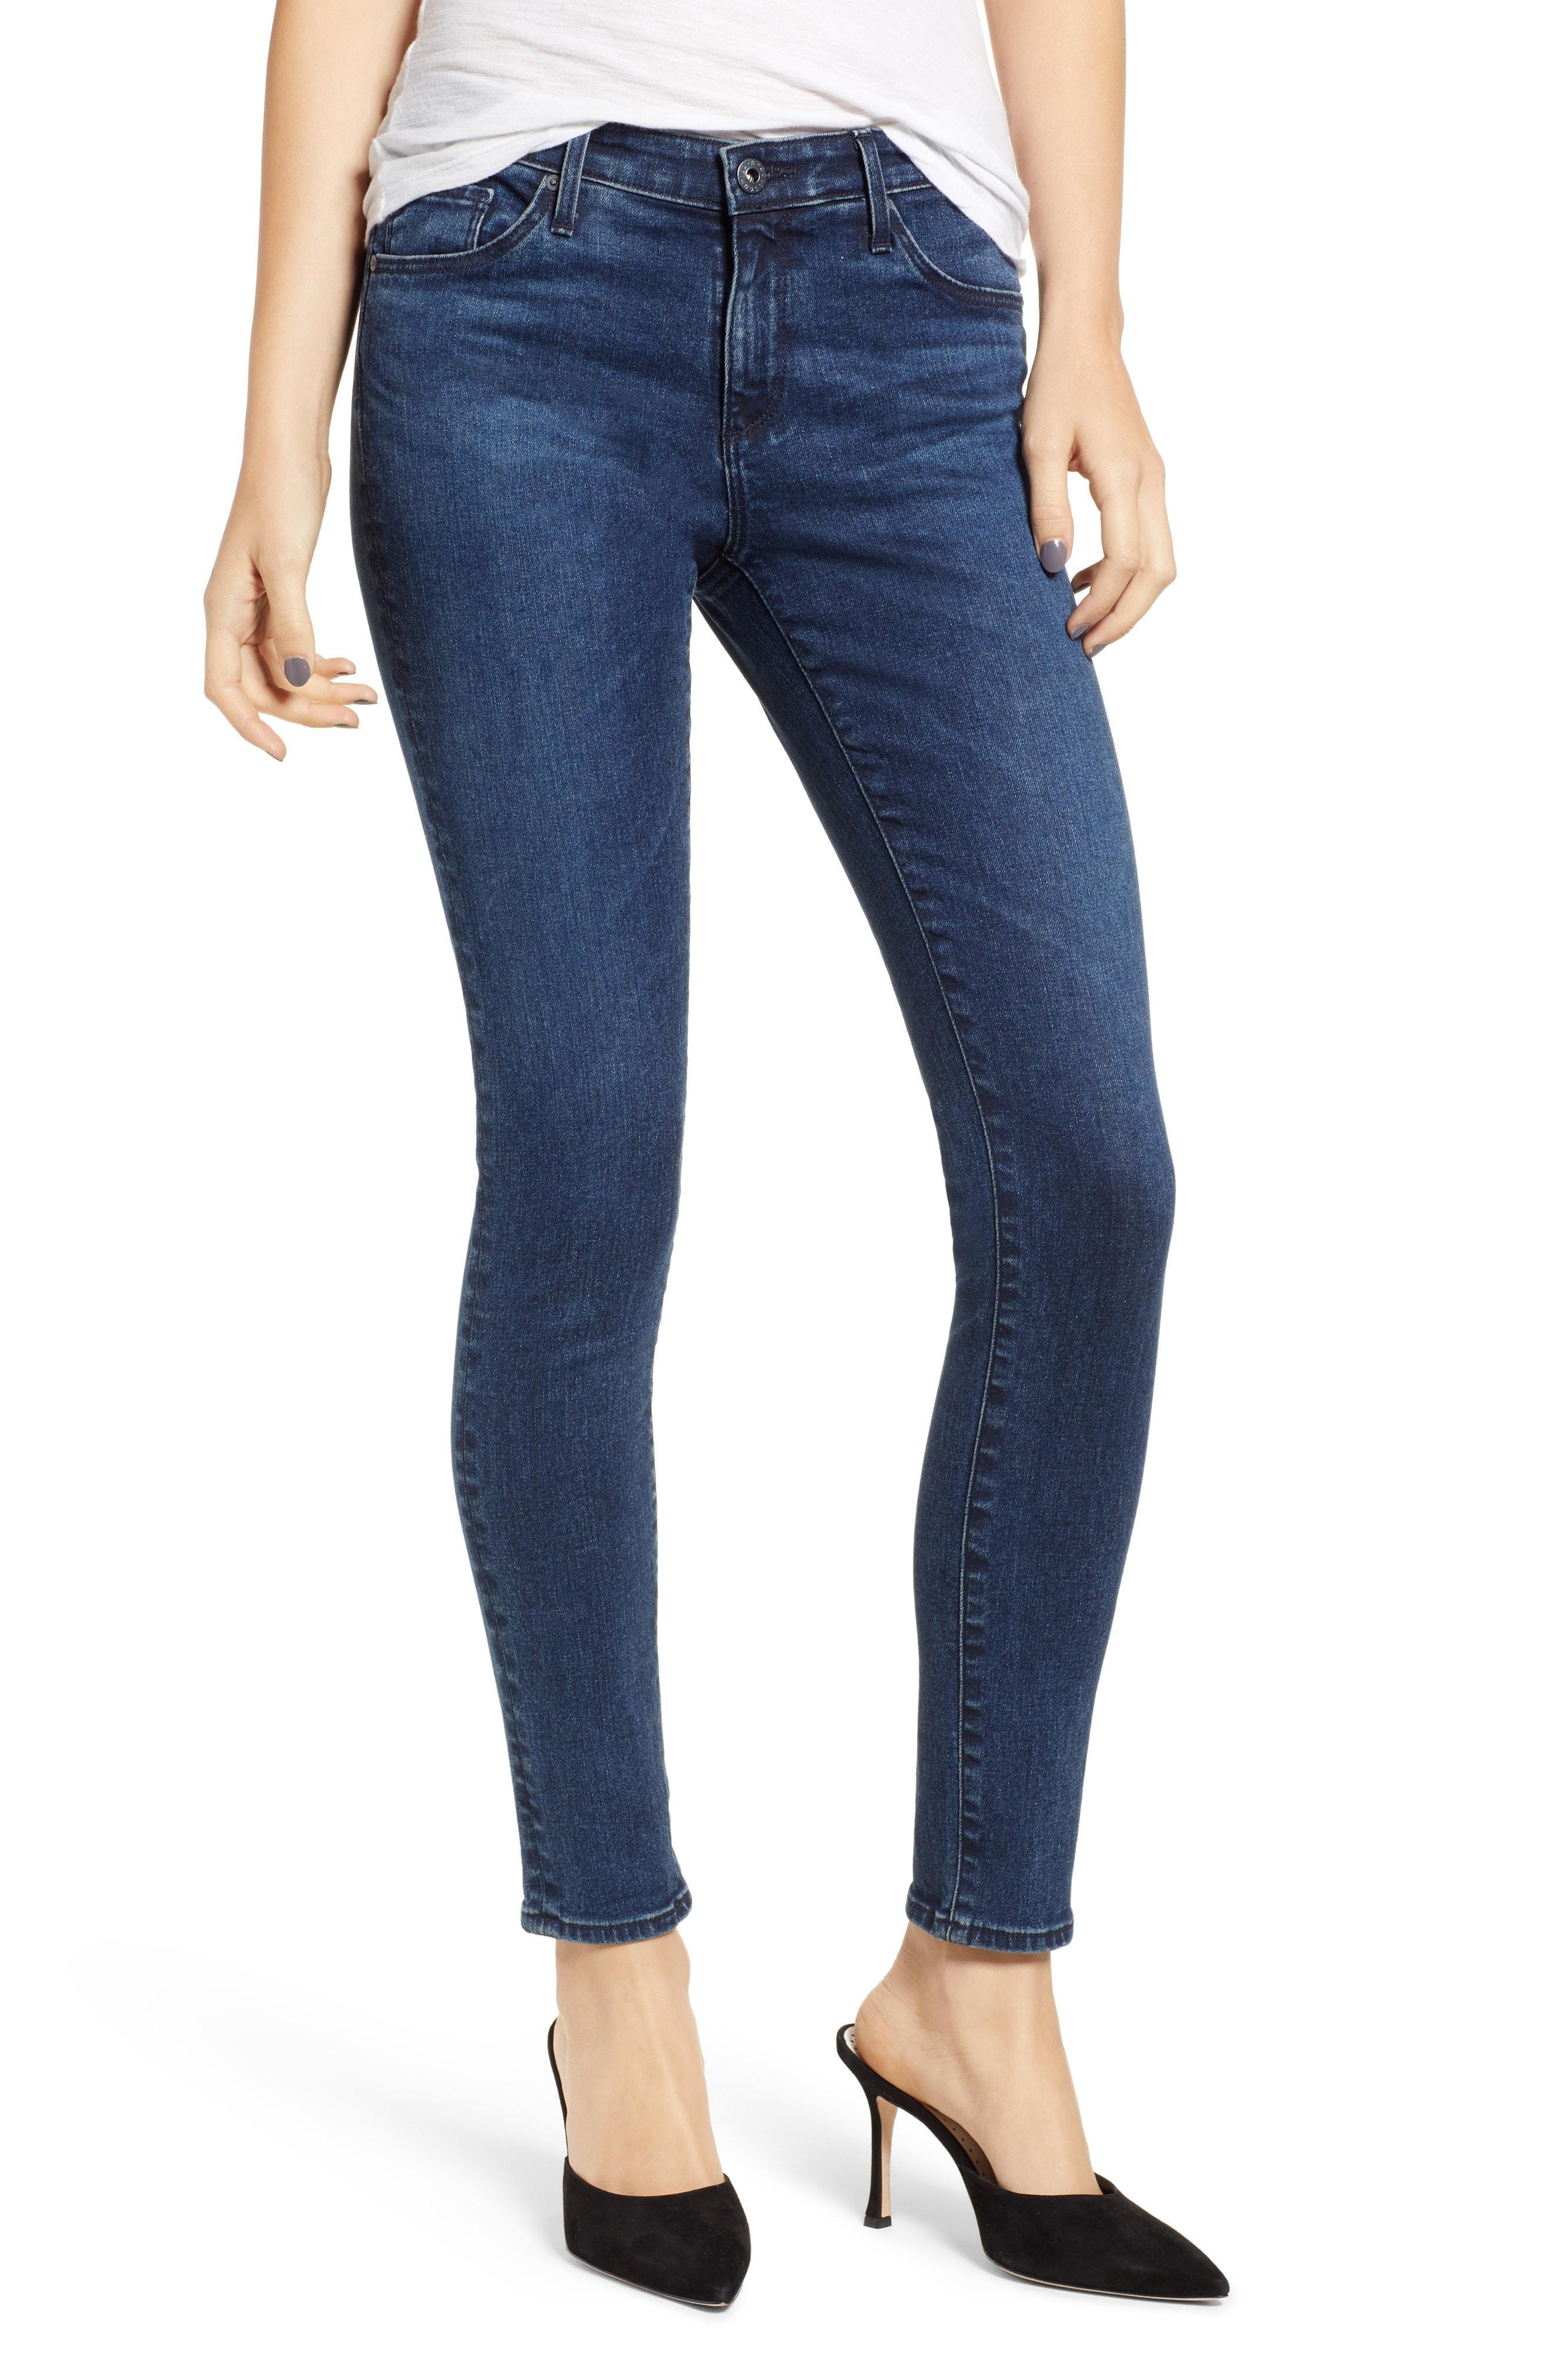 AG The Legging Ankle Super Skinny Jeans (Striking)